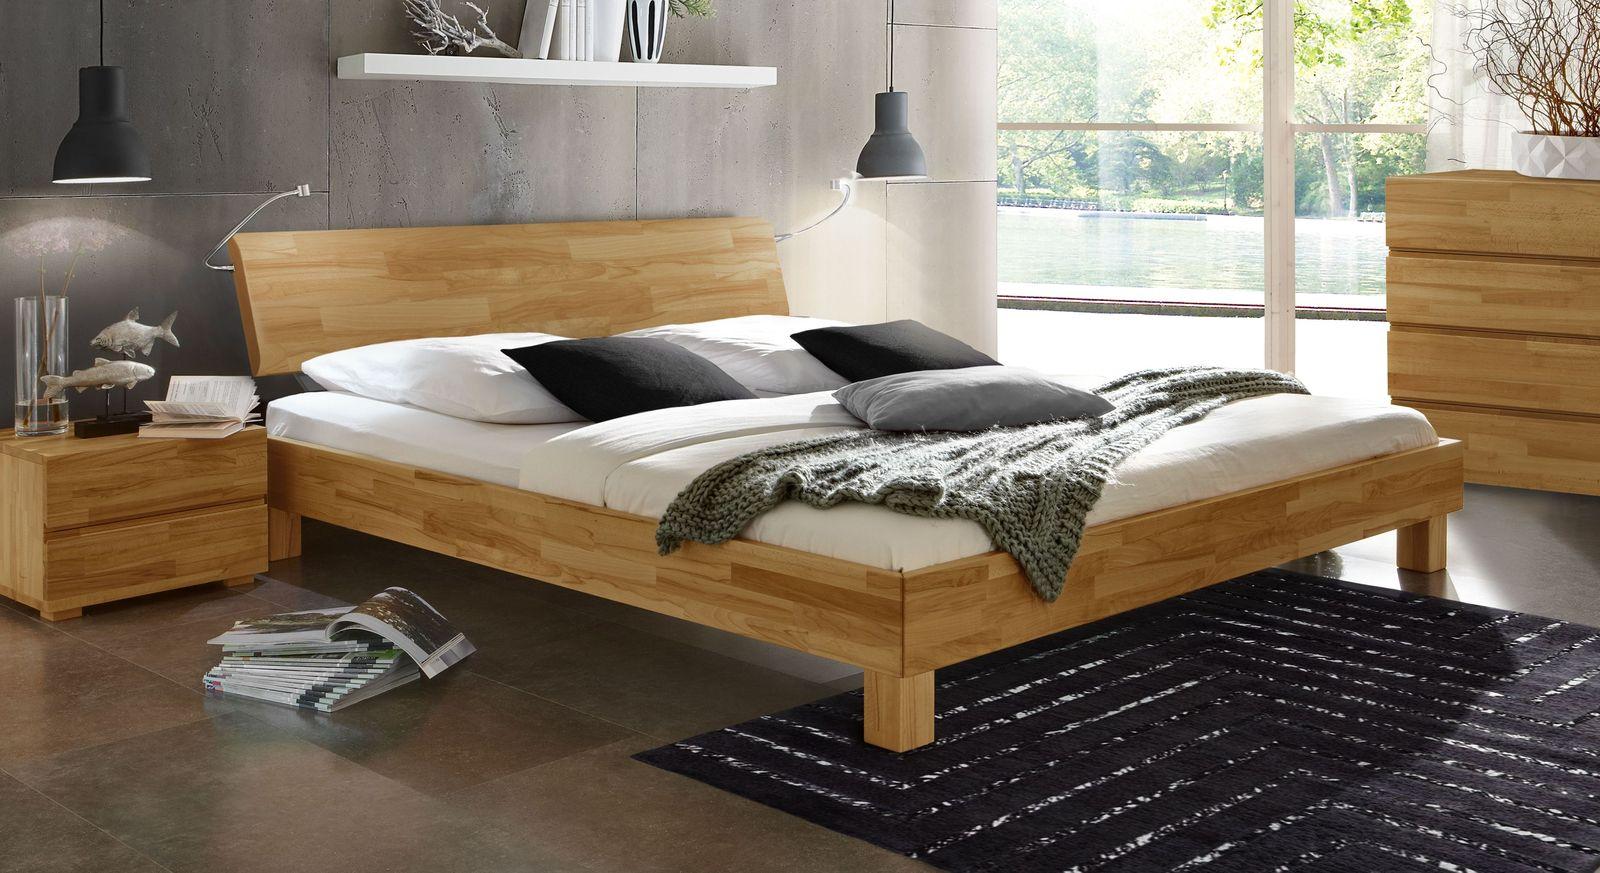 Full Size of Niedrige Betten Weies Bett Monza Aus Buchenholz Online Bettende Amazon 180x200 Ikea 160x200 Für Teenager Hasena Meise Schramm Außergewöhnliche Mit Wohnzimmer Niedrige Betten